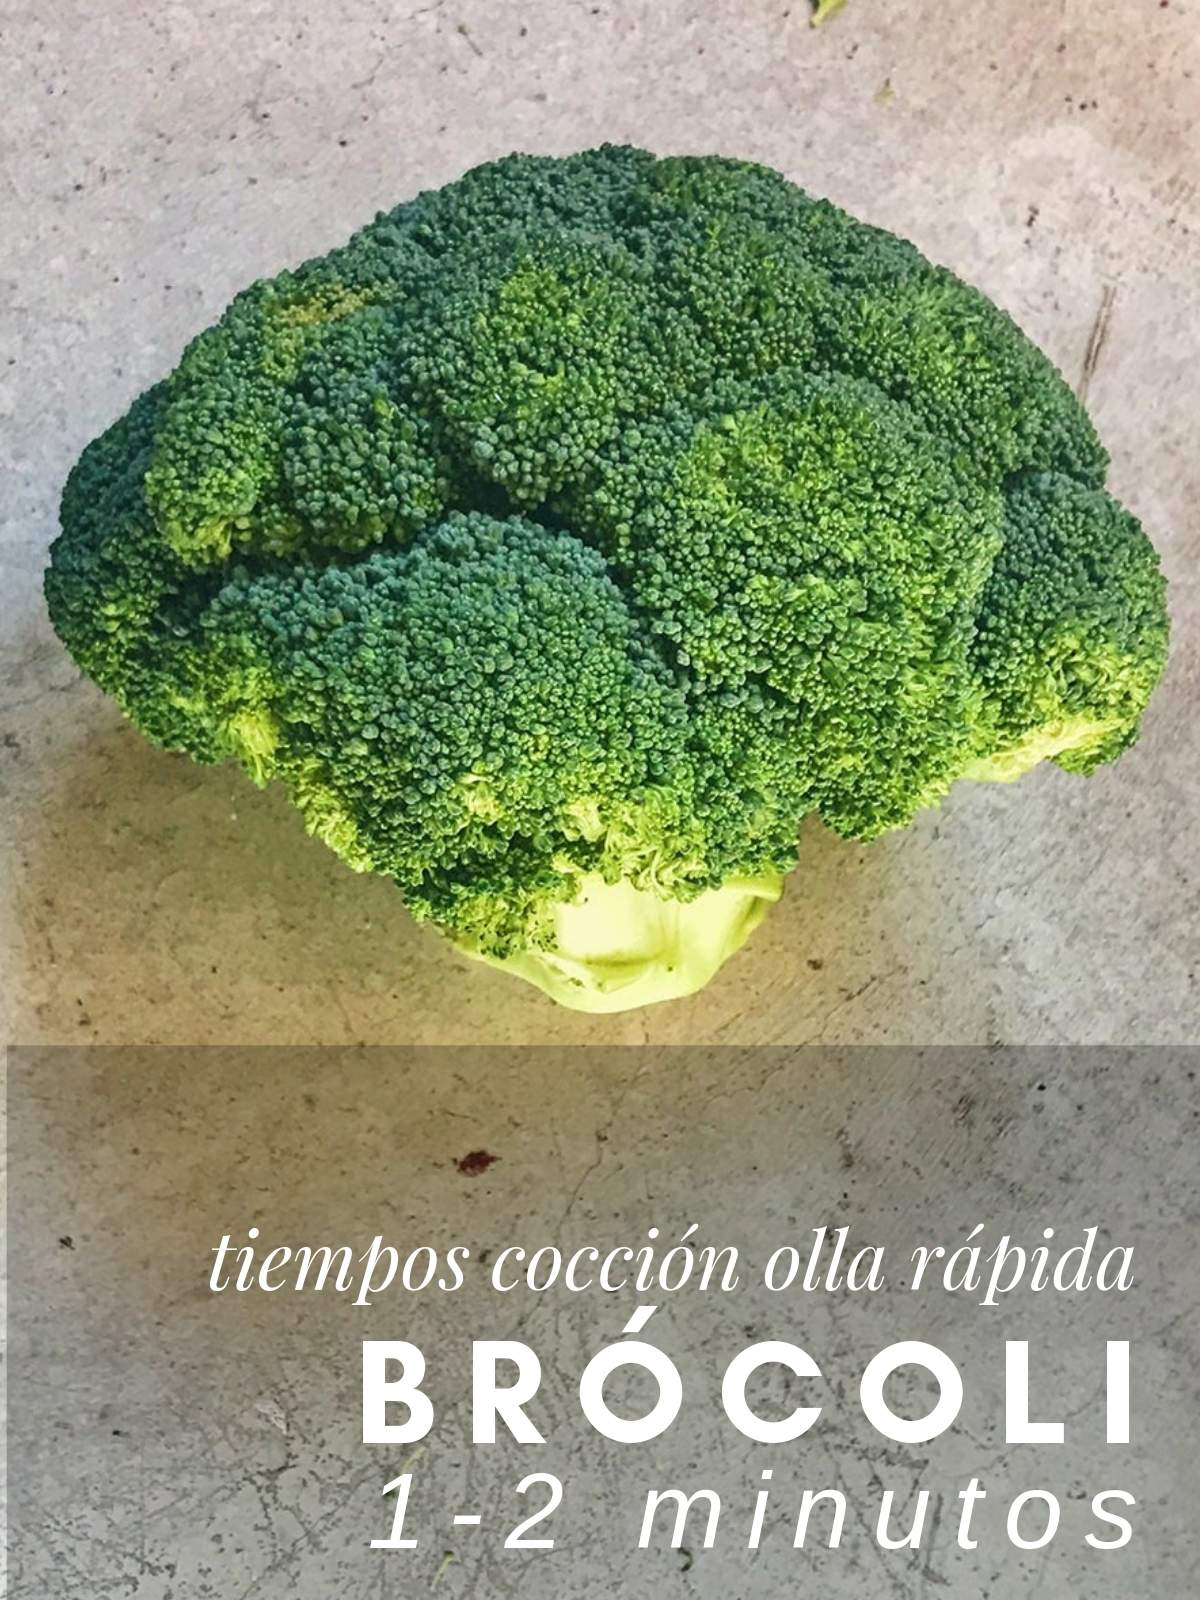 ¿Cuanto tarda el brocoli en cocer en olla rápida?